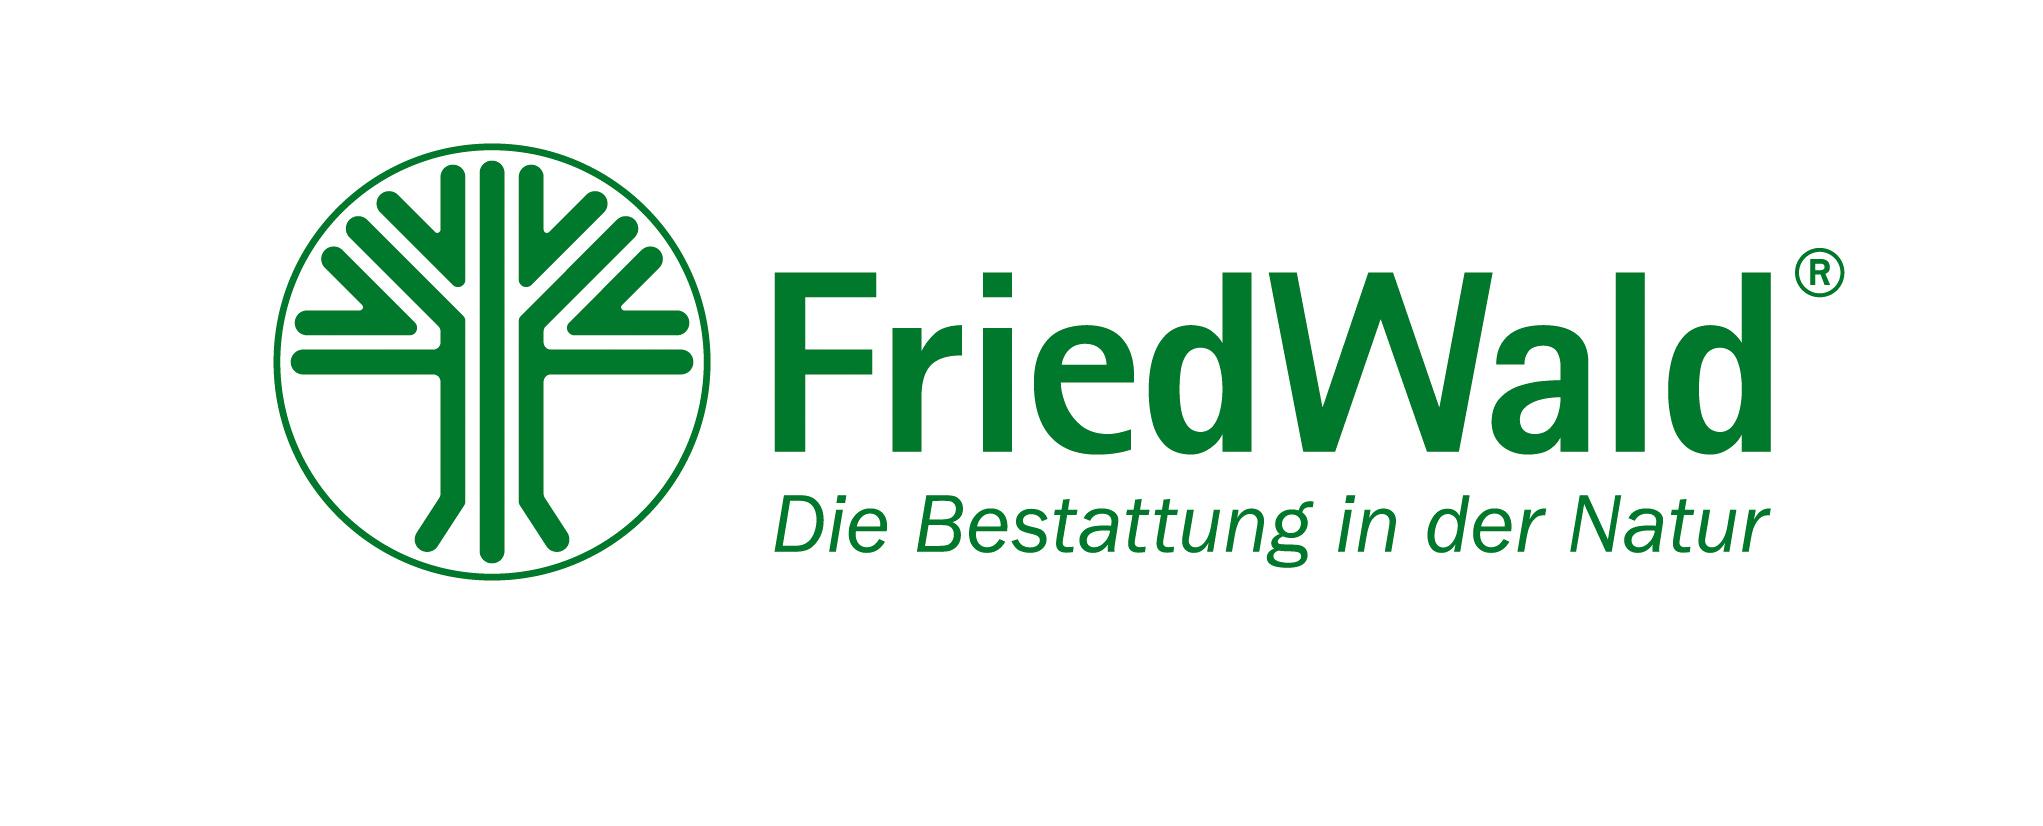 FriedWald_Logo_final_mit_Claim_RGB